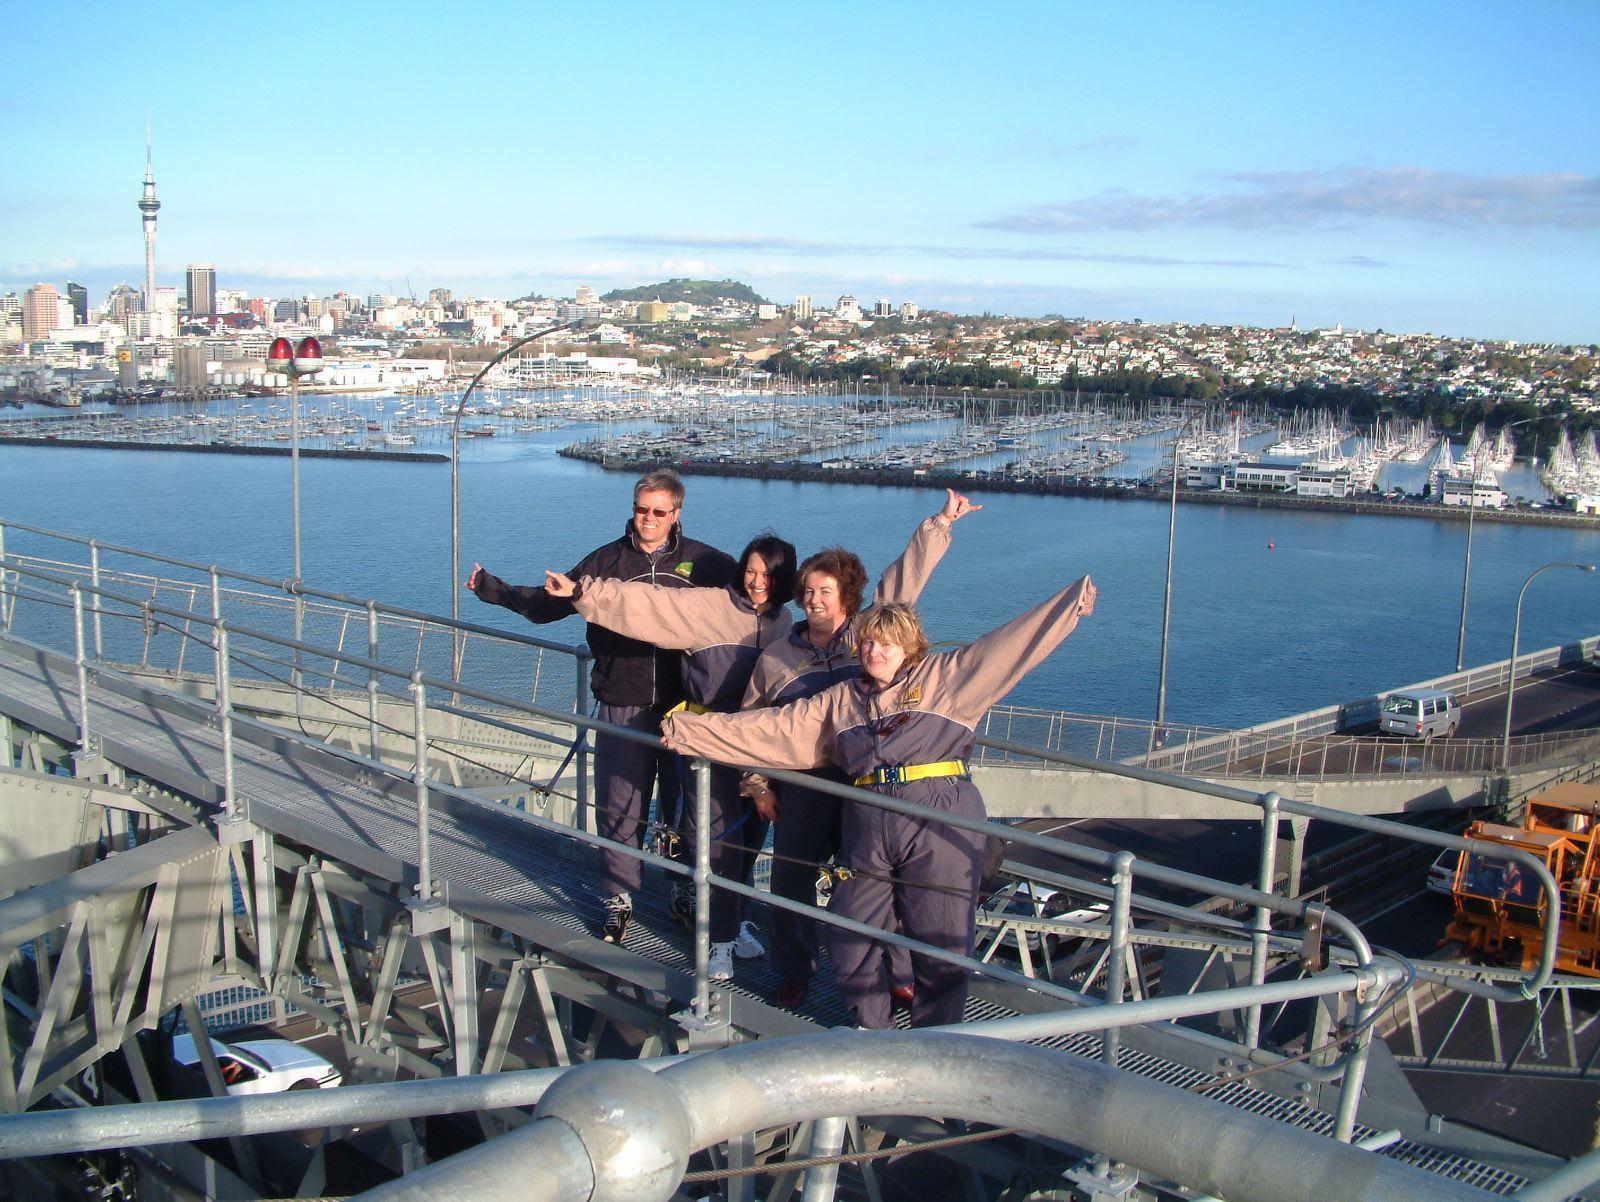 Yaneeda Travel krakkede i starten af denne måned, hvilket gav tab til en række samarbejdspartnere. Rejsebureauet fra København udbød rejser over store dele af verden. Her er det arkivfoto fra Auckland i New Zealand.